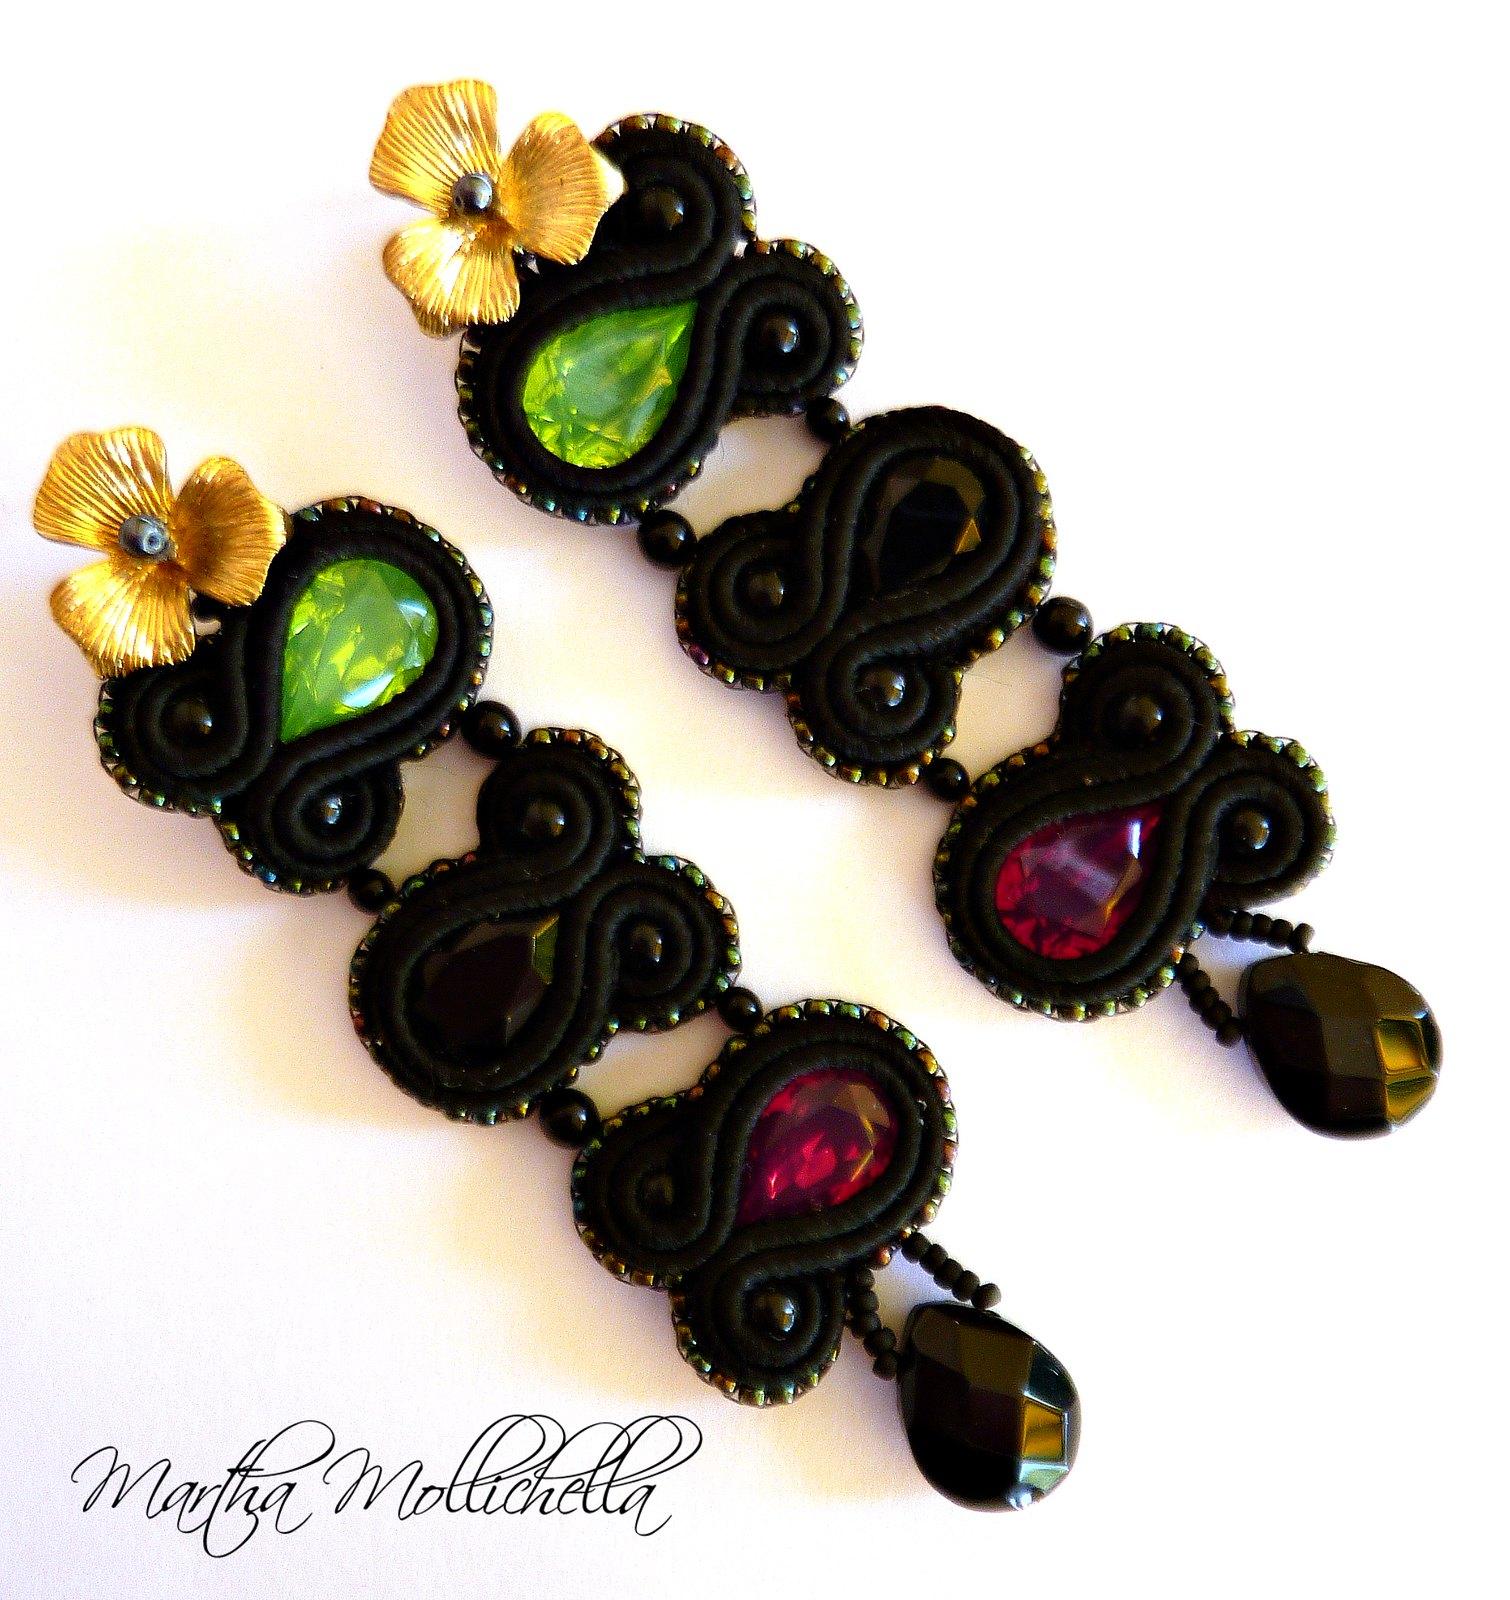 Soutache earrings handmade in Italy by Martha Mollichella